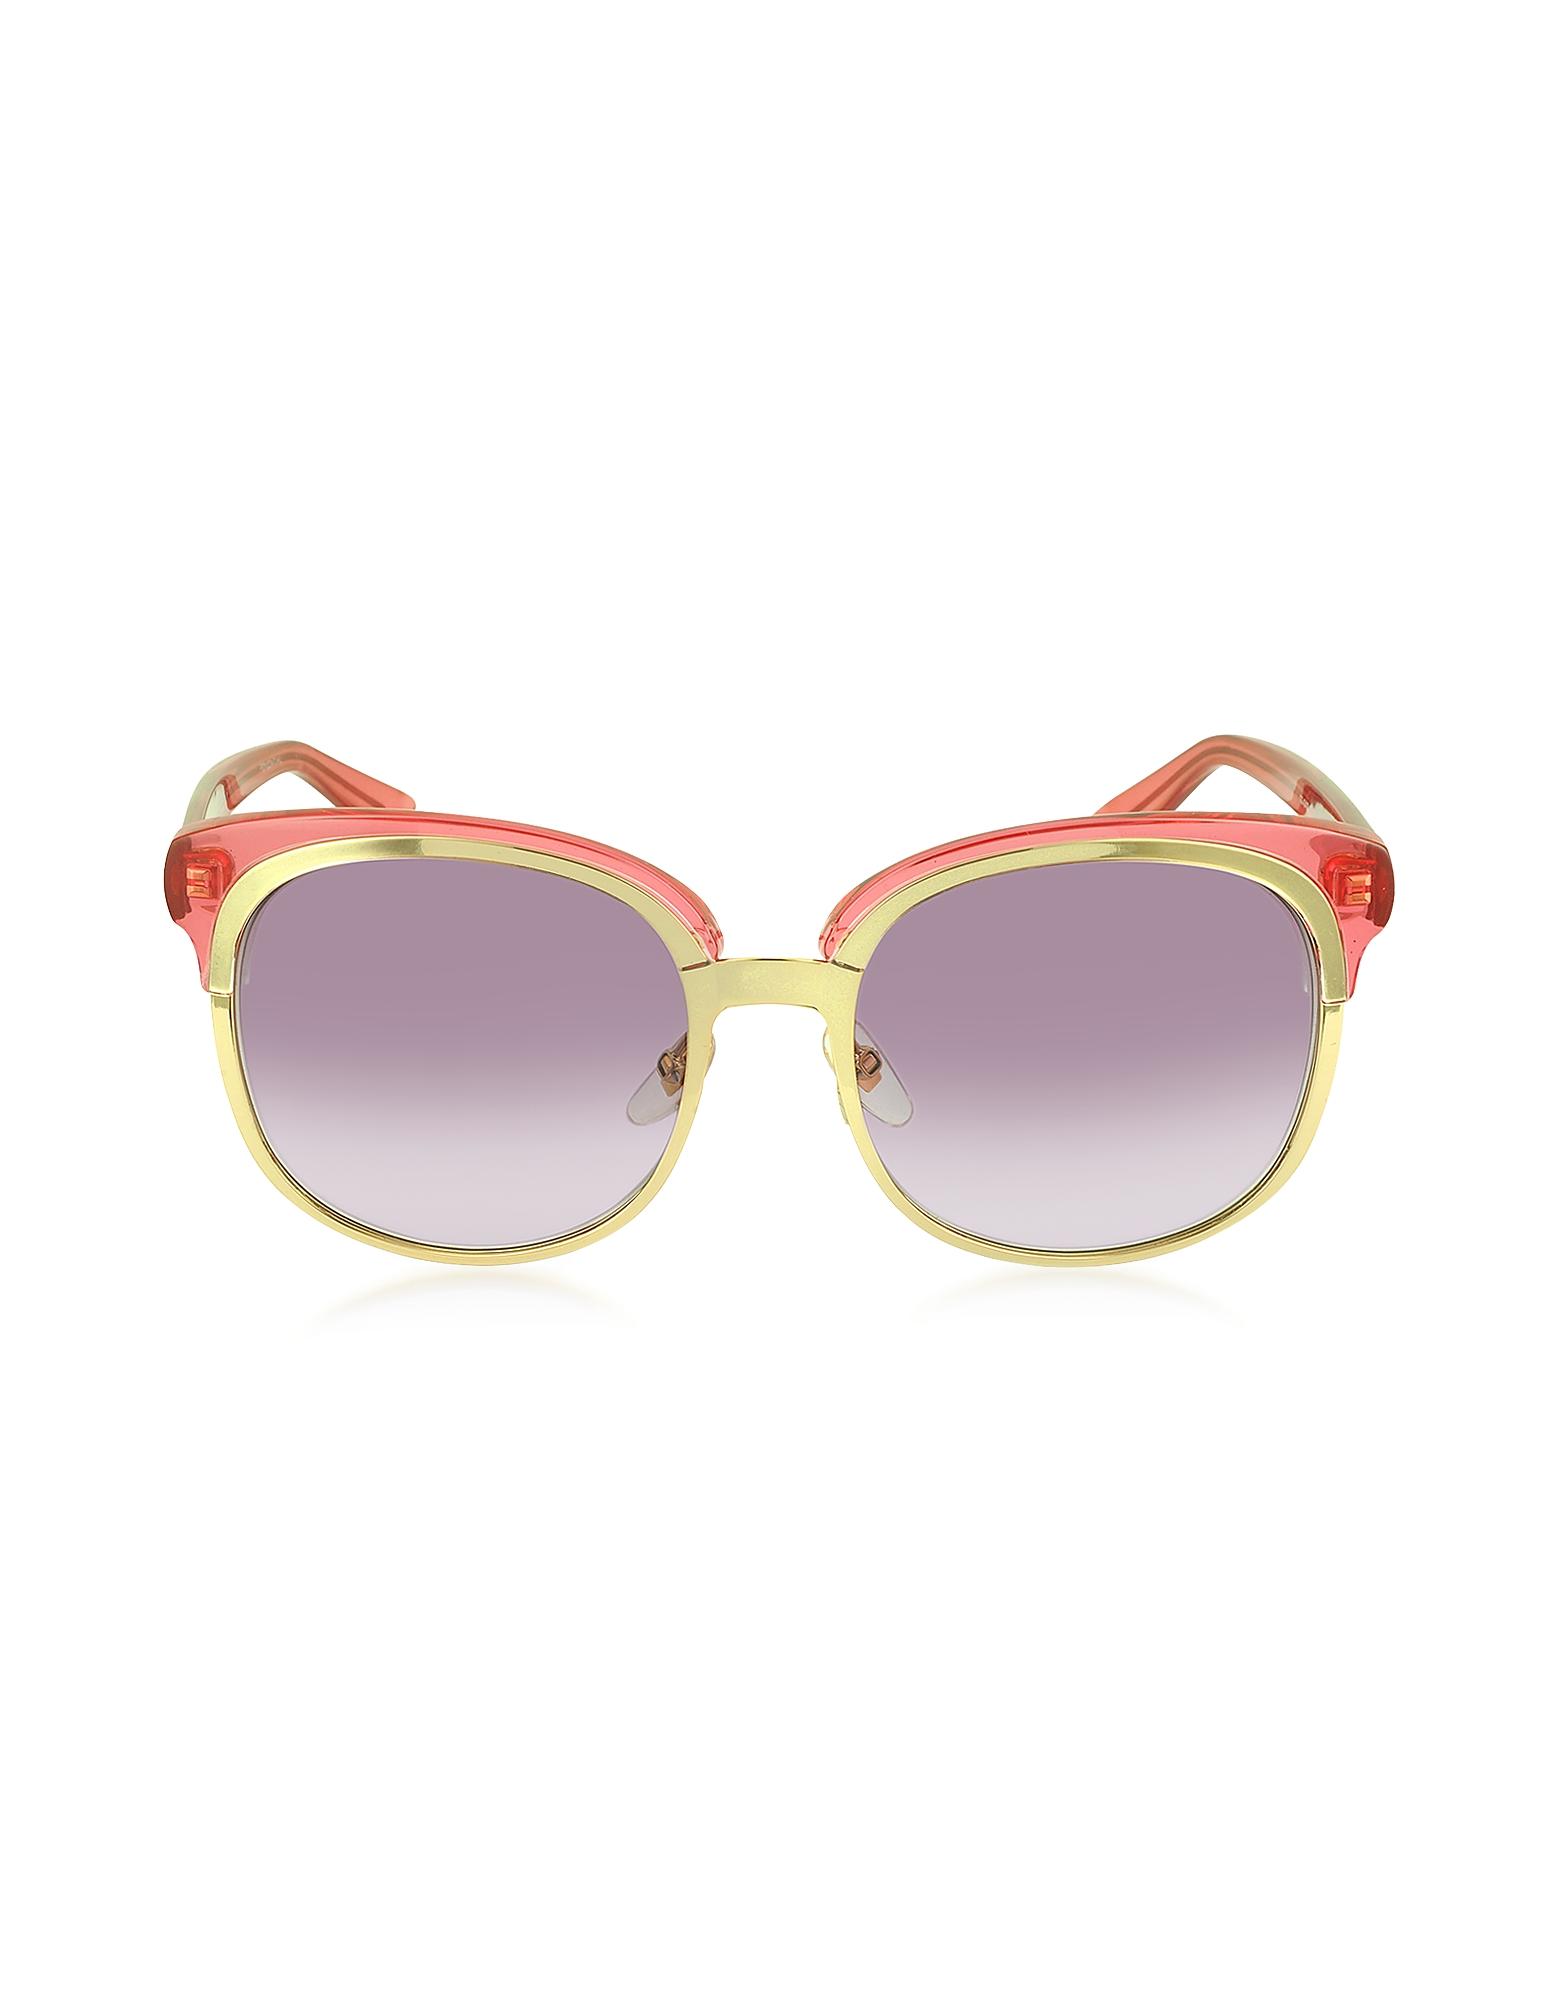 GG 4241/S EY9R - Розовые Женские Солнечные Очки